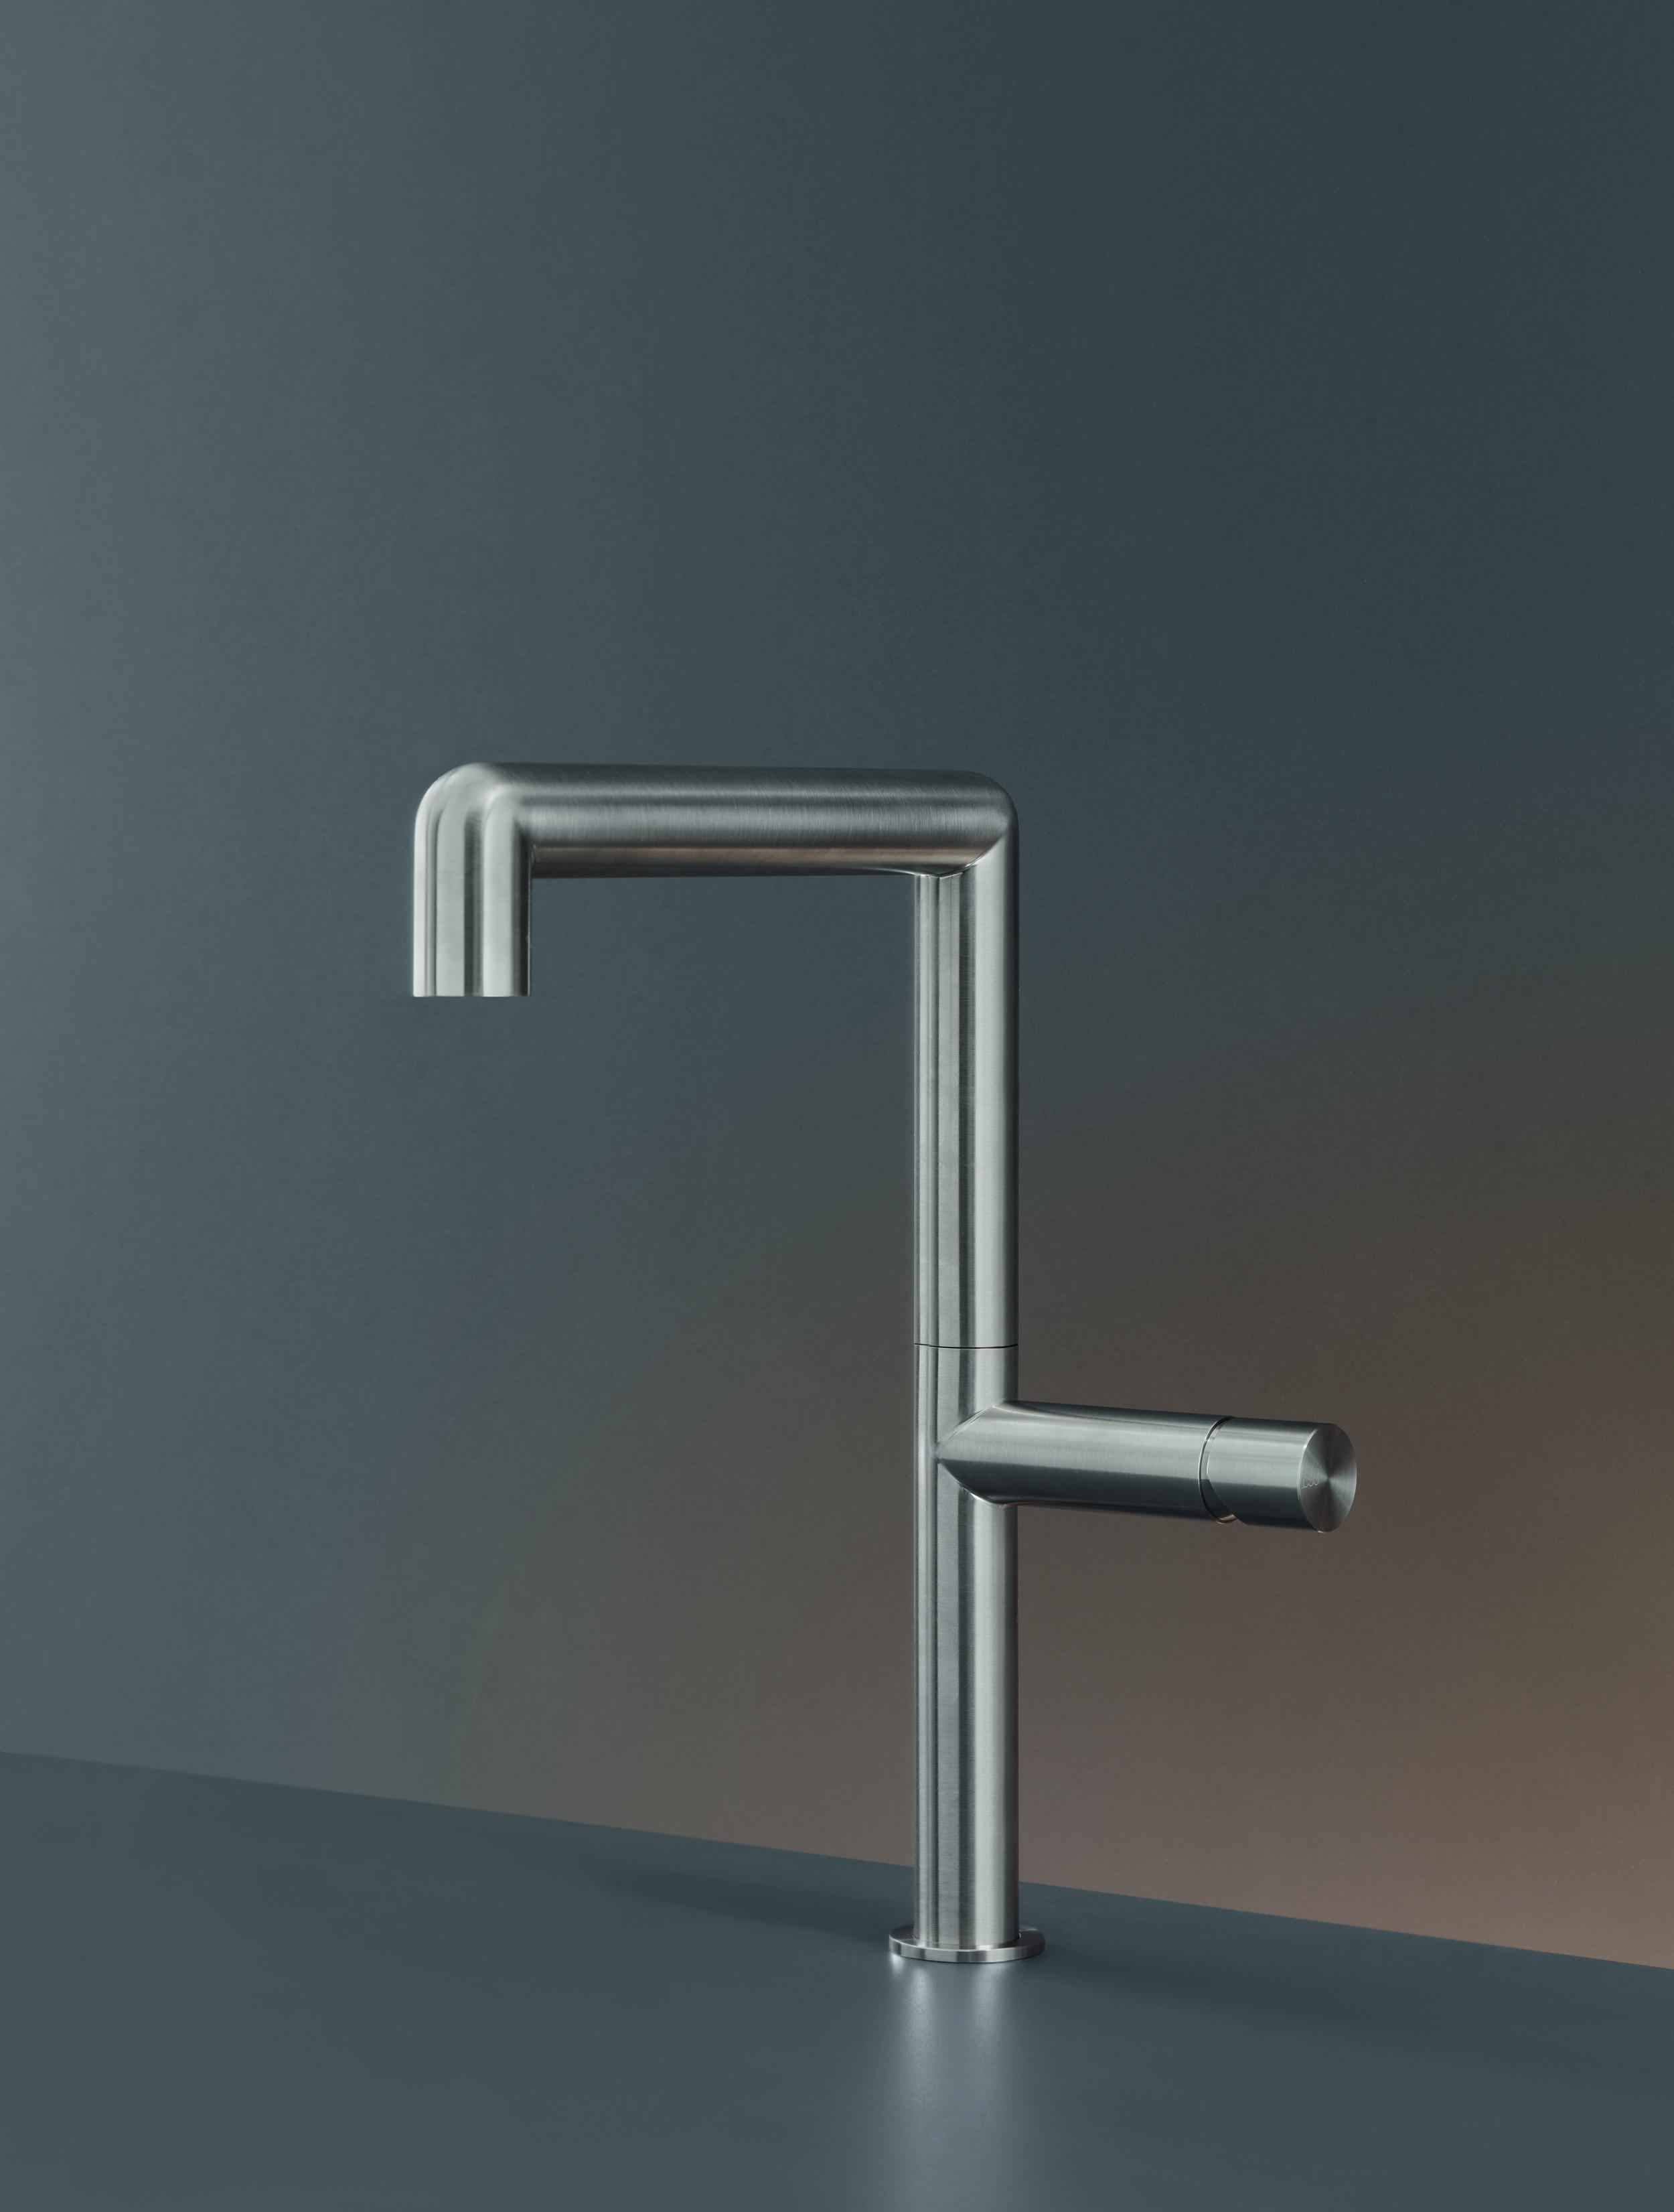 Contemporary Cartesio Deck Mount Faucet